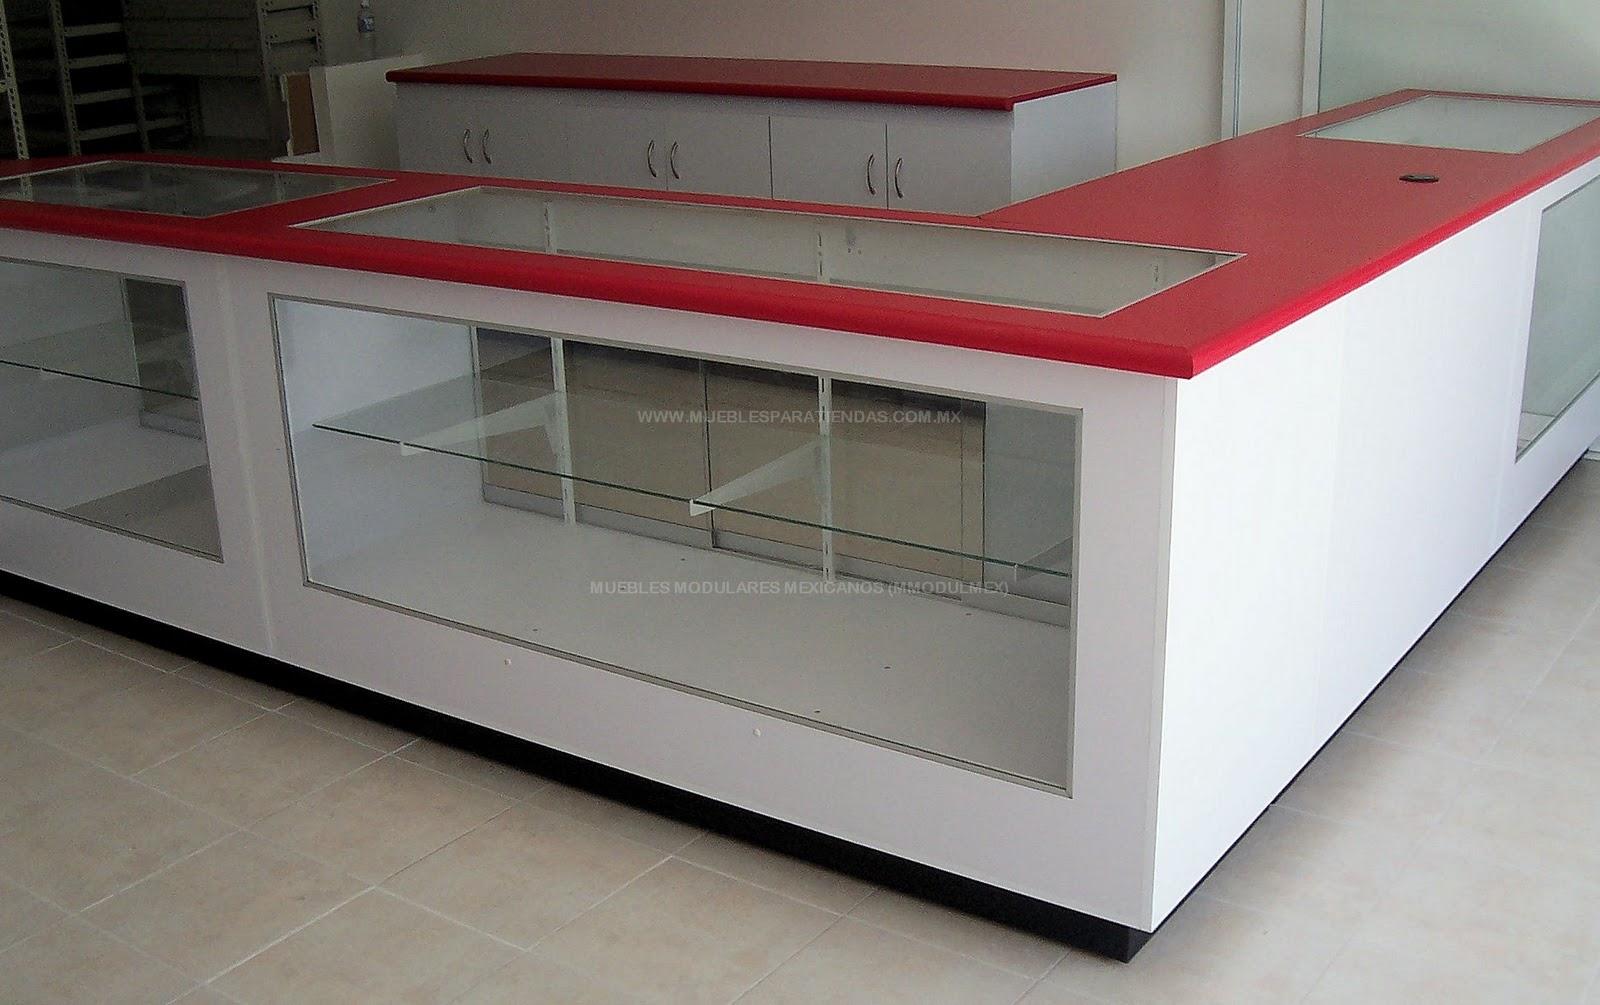 Muebles de tiendas mobiliario de oficina muebles de for Diseno de muebles metalicos pdf